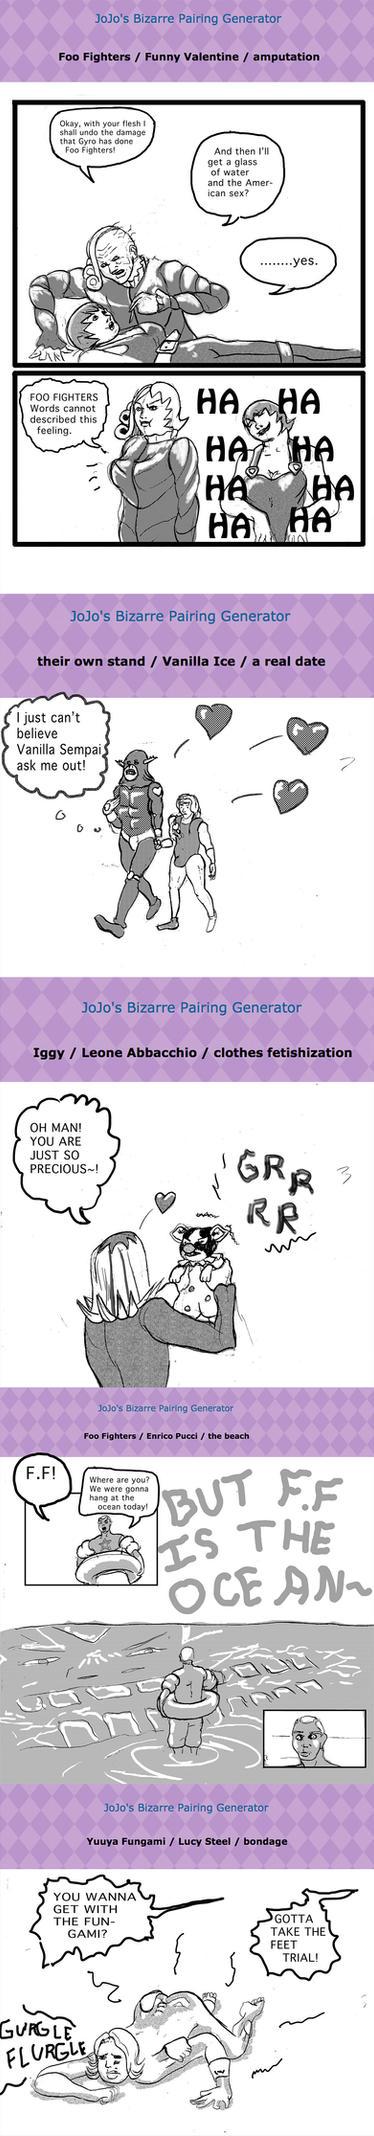 Jojo Pairing Meme 3 by Areku23